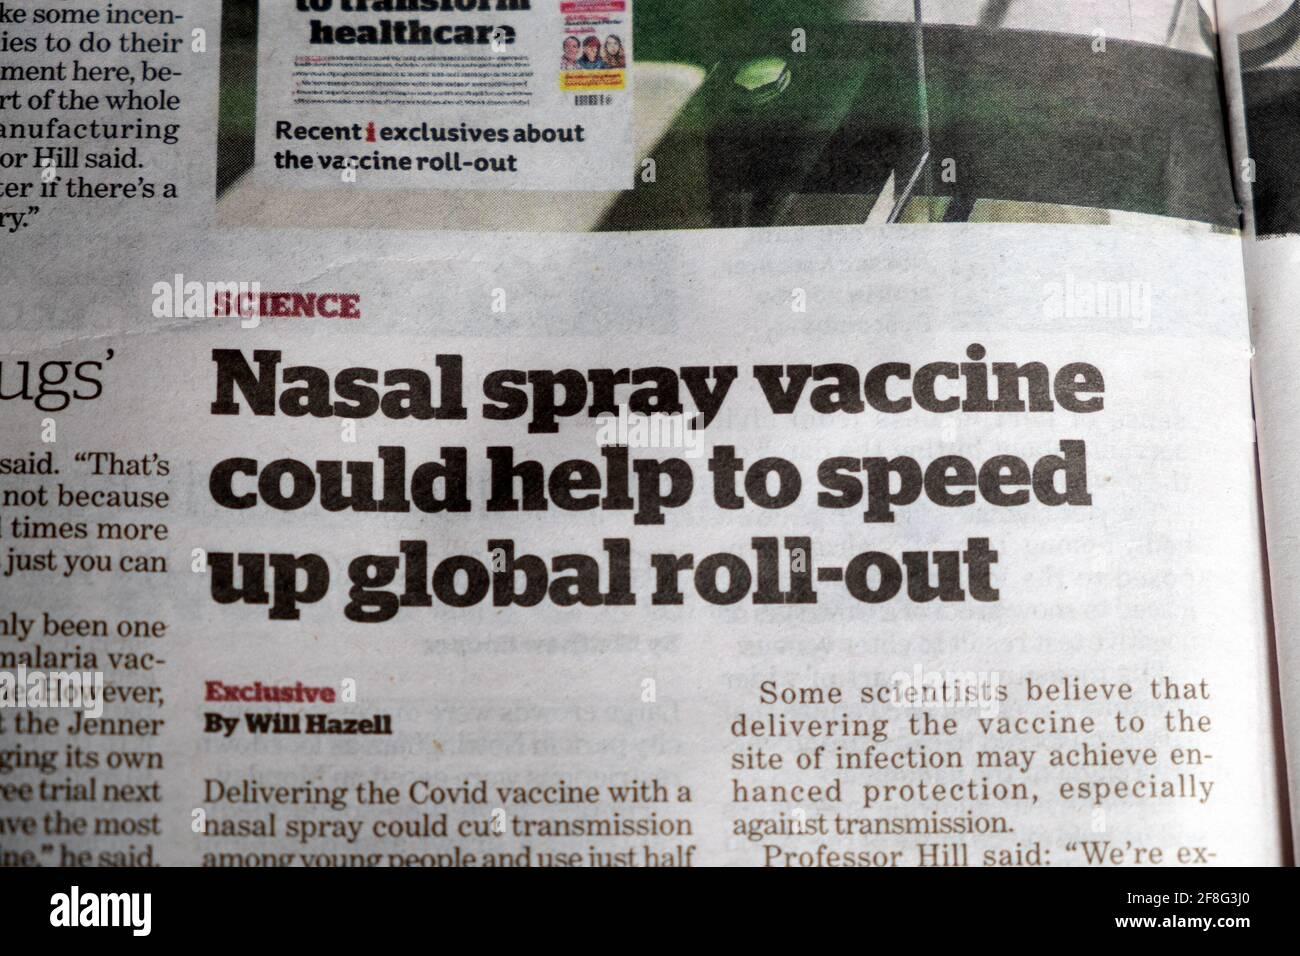 """""""Il vaccino spray nasale potrebbe contribuire ad accelerare l'attuazione globale"""" articolo scientifico di inews su i giornale Aprile 2021 Londra Inghilterra REGNO UNITO Foto Stock"""